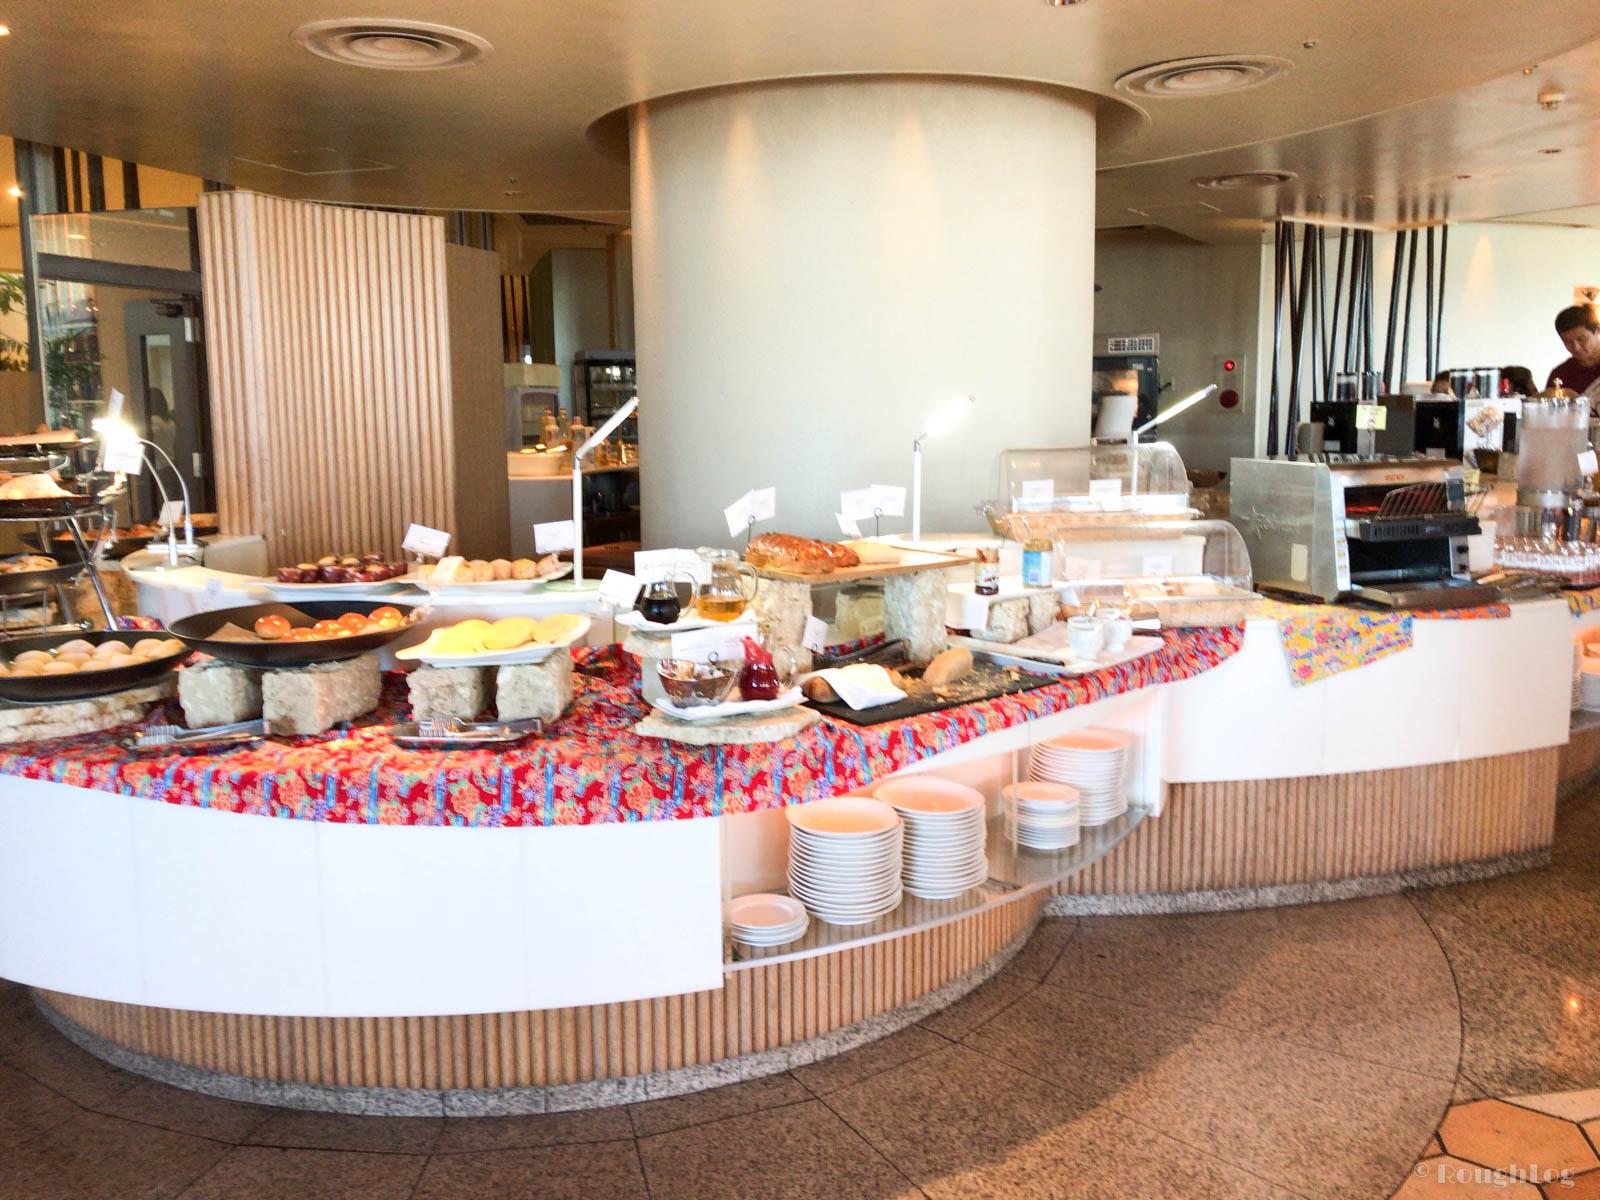 ANAインターコンチネンタル万座ビーチリゾート内のアクアベルで朝食